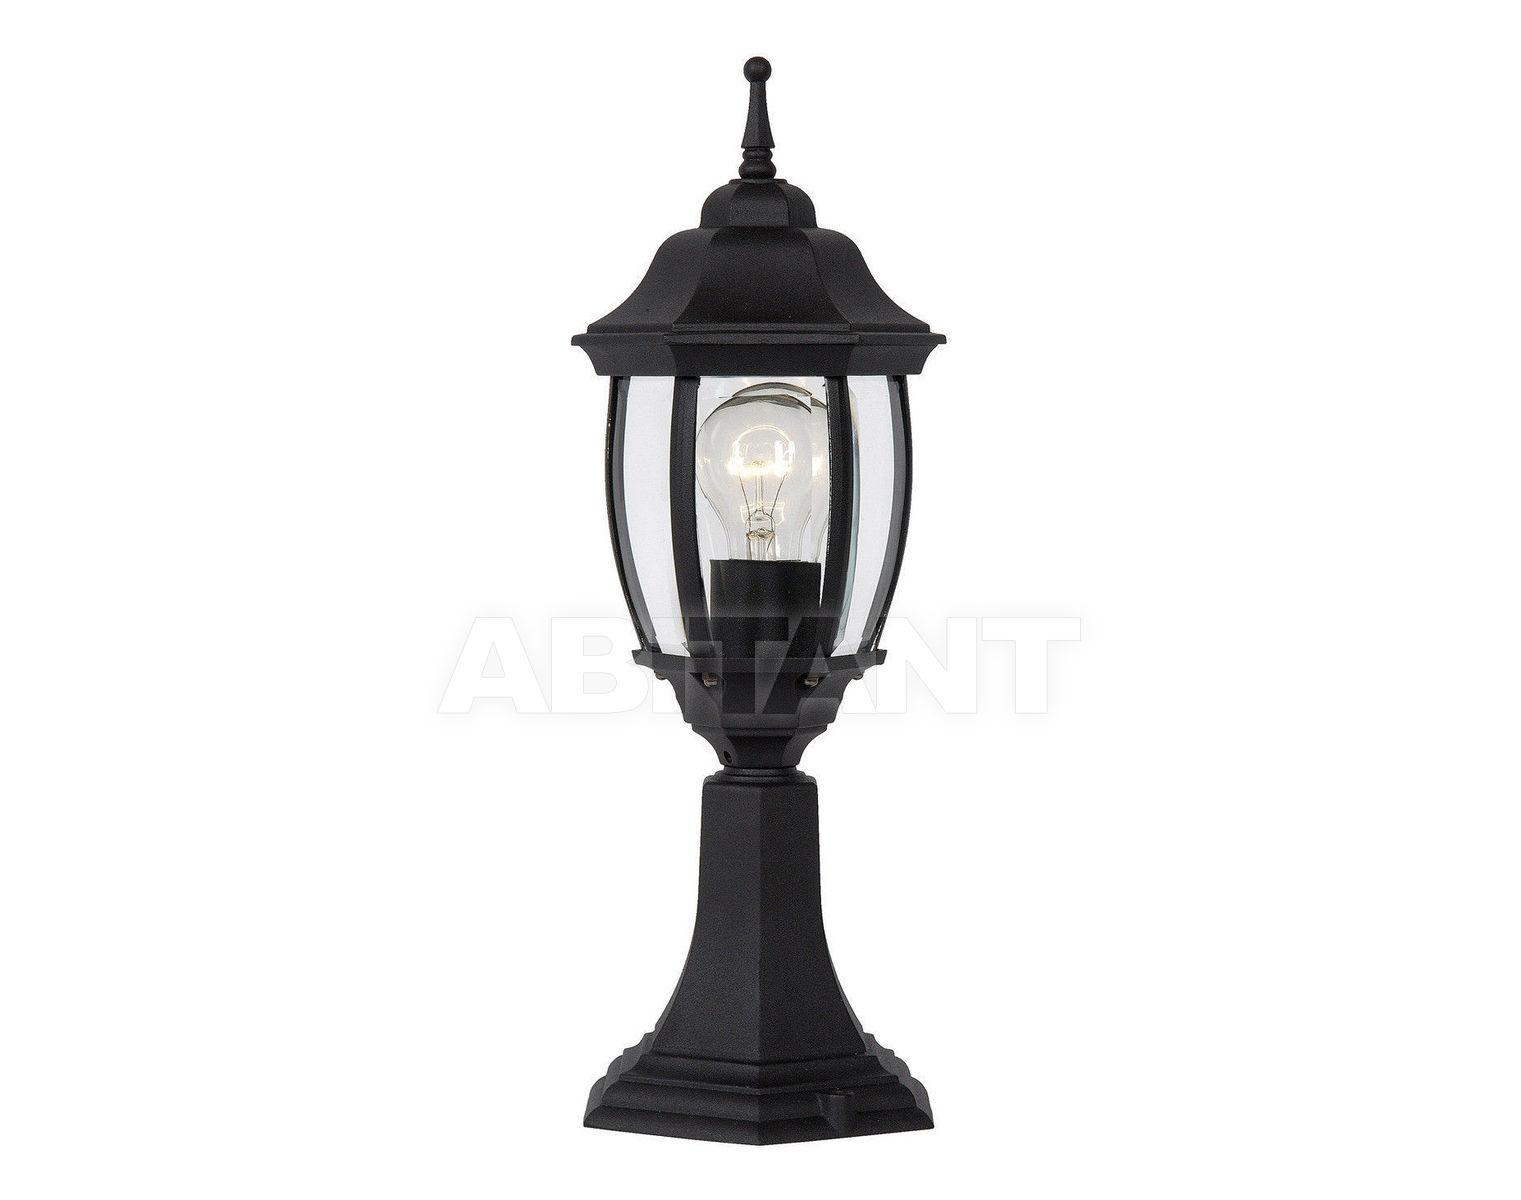 Купить Садовый светильник Lucide  Outdoor 2013 11834/01/30